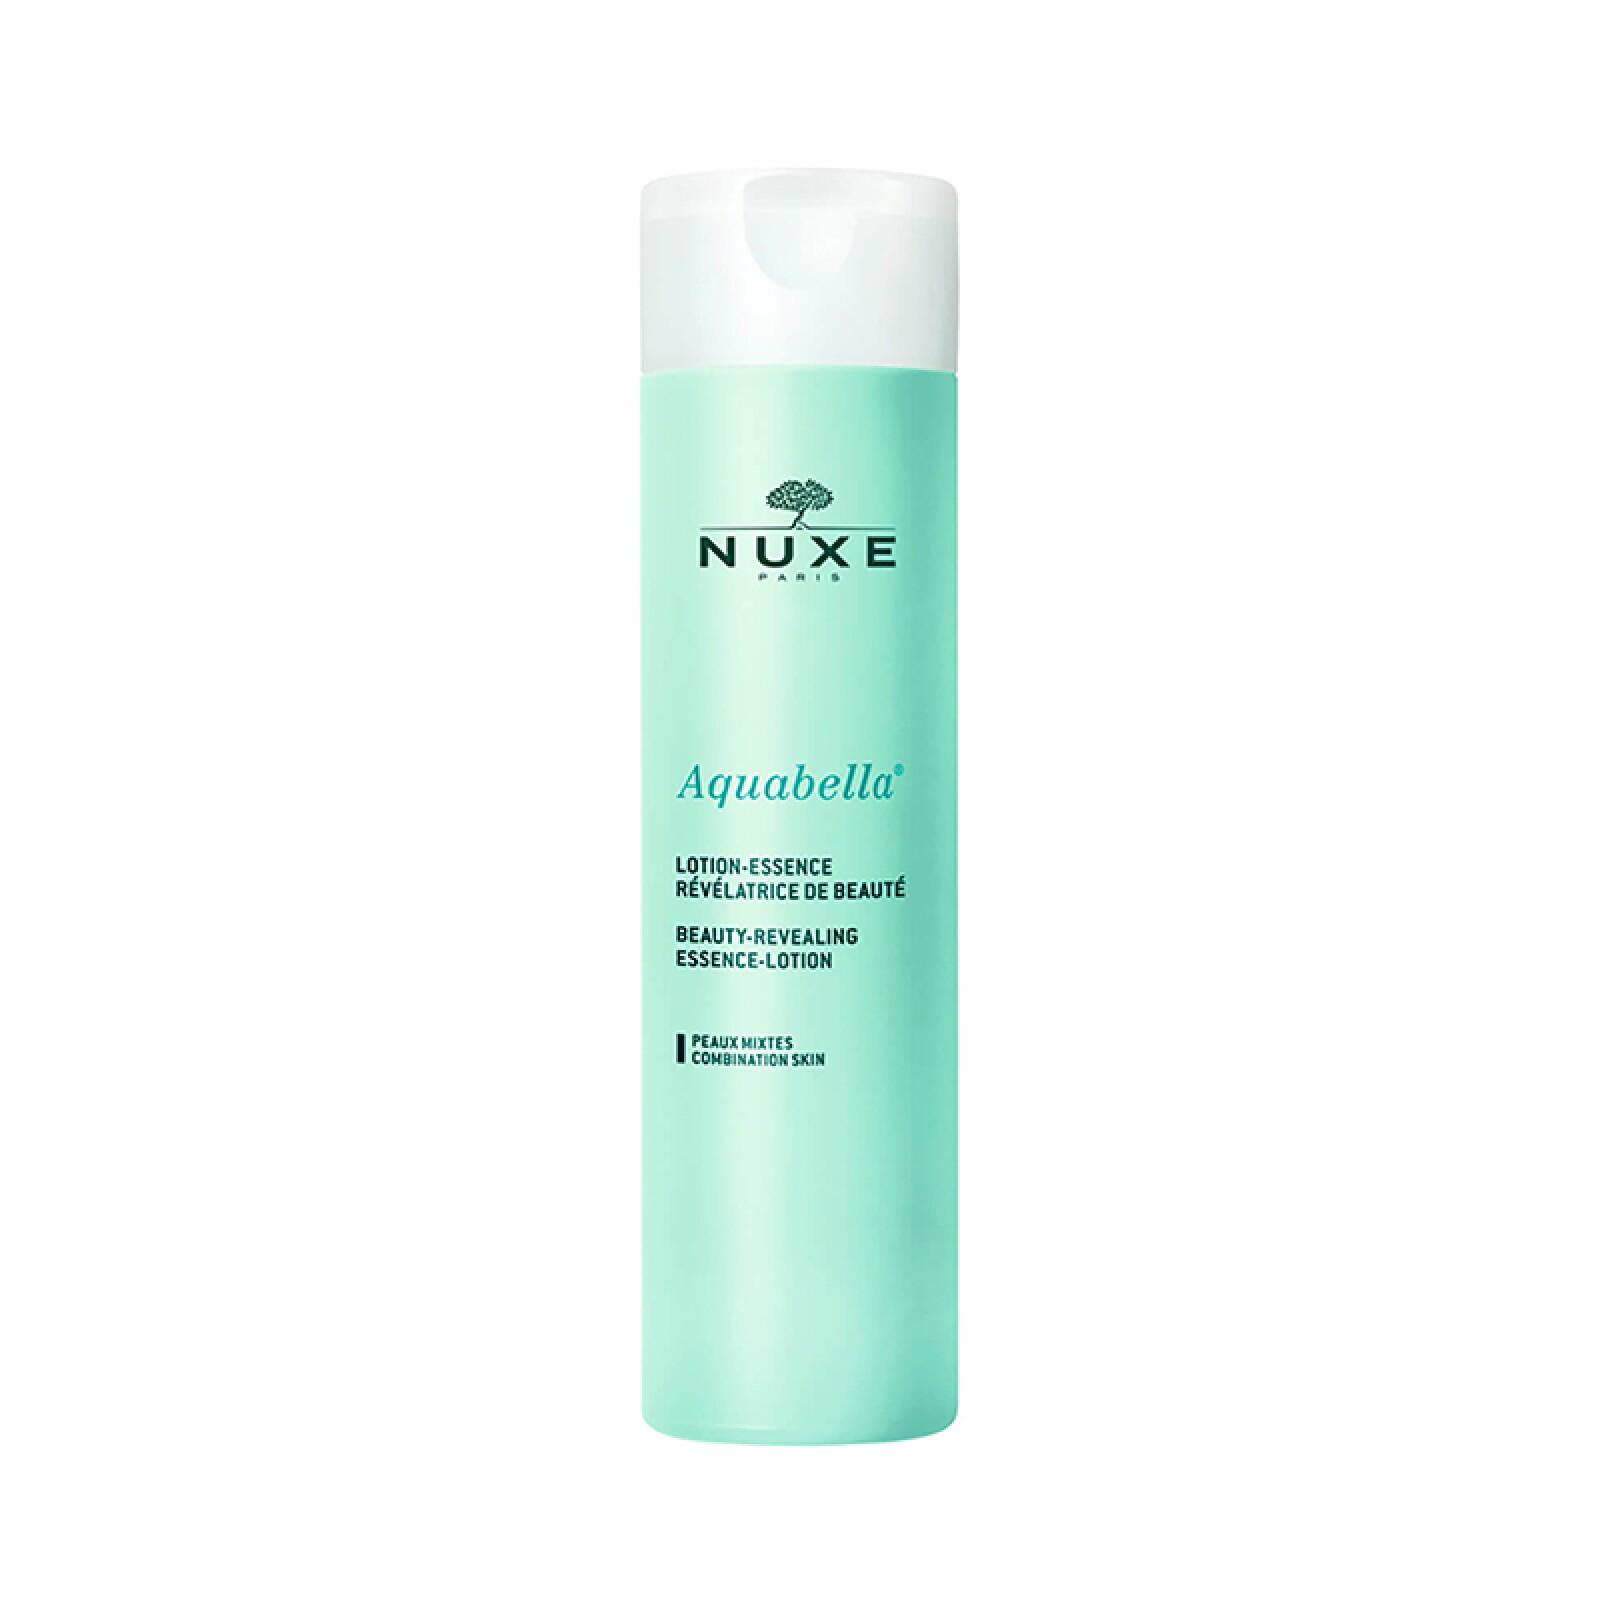 Nuxe-Aquabella-Locion-Esencia-Tonica.jpg